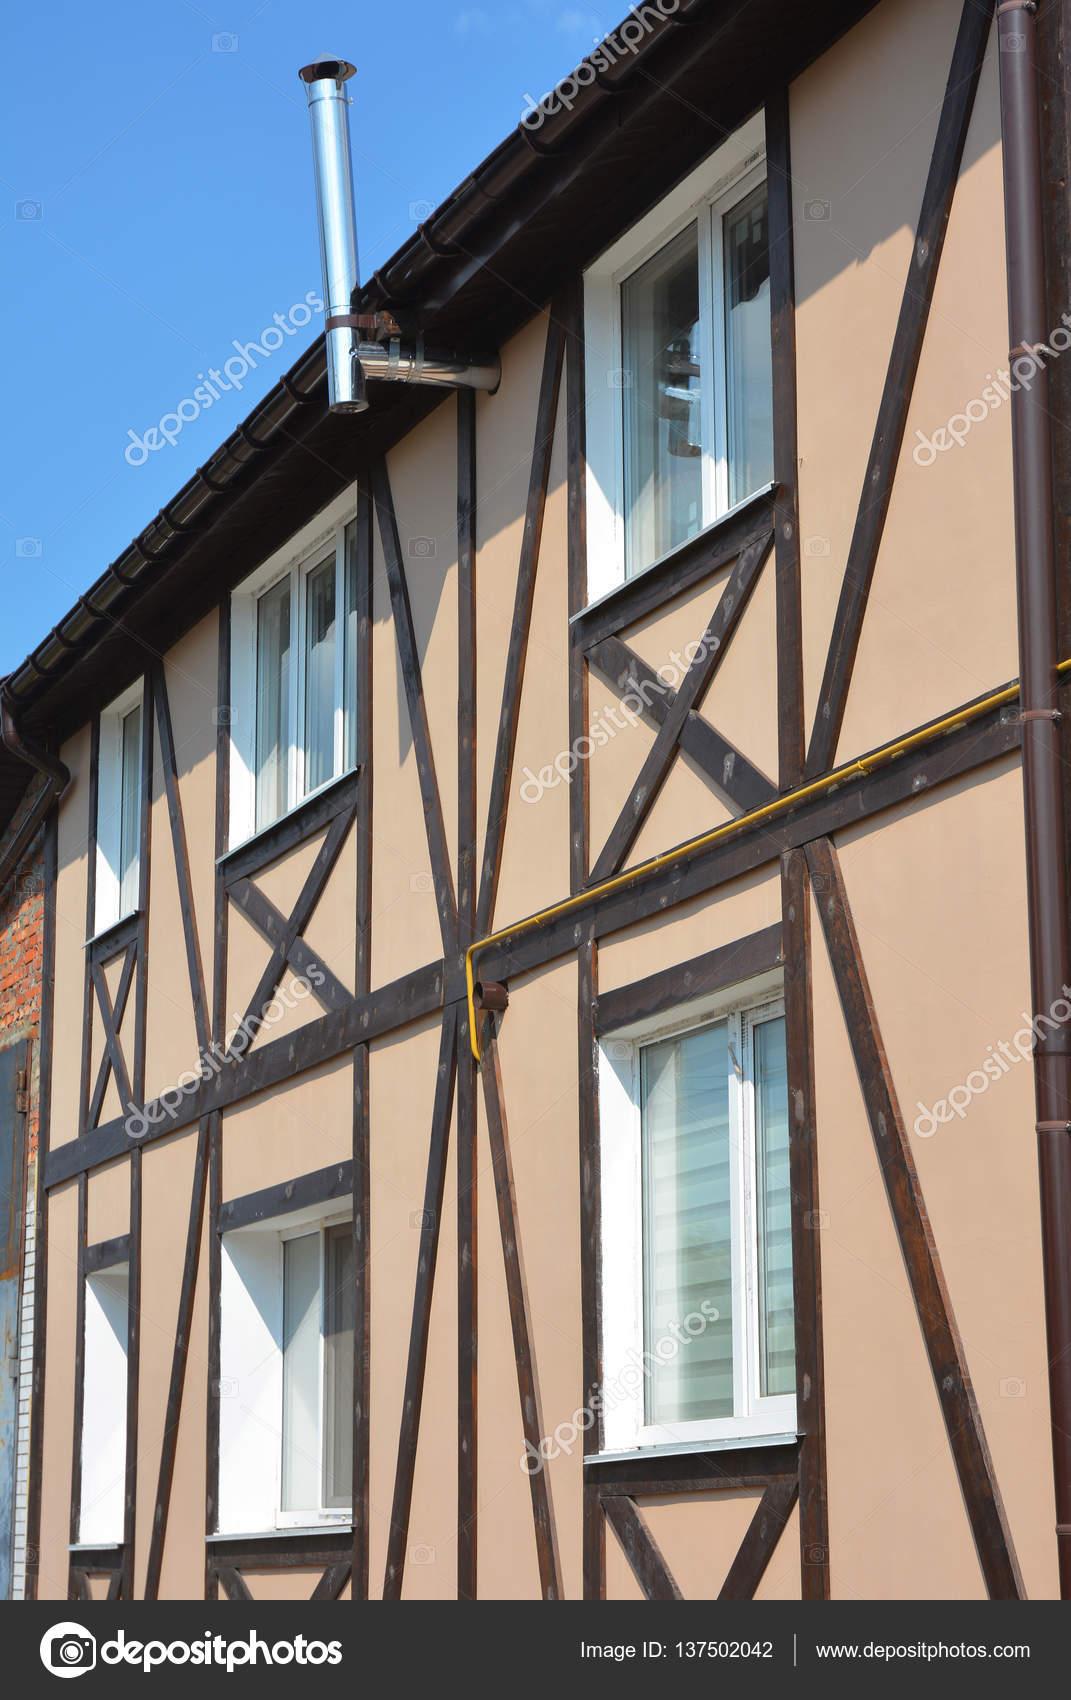 Construcción de casas de entramado de madera. Estructura de madera y ...